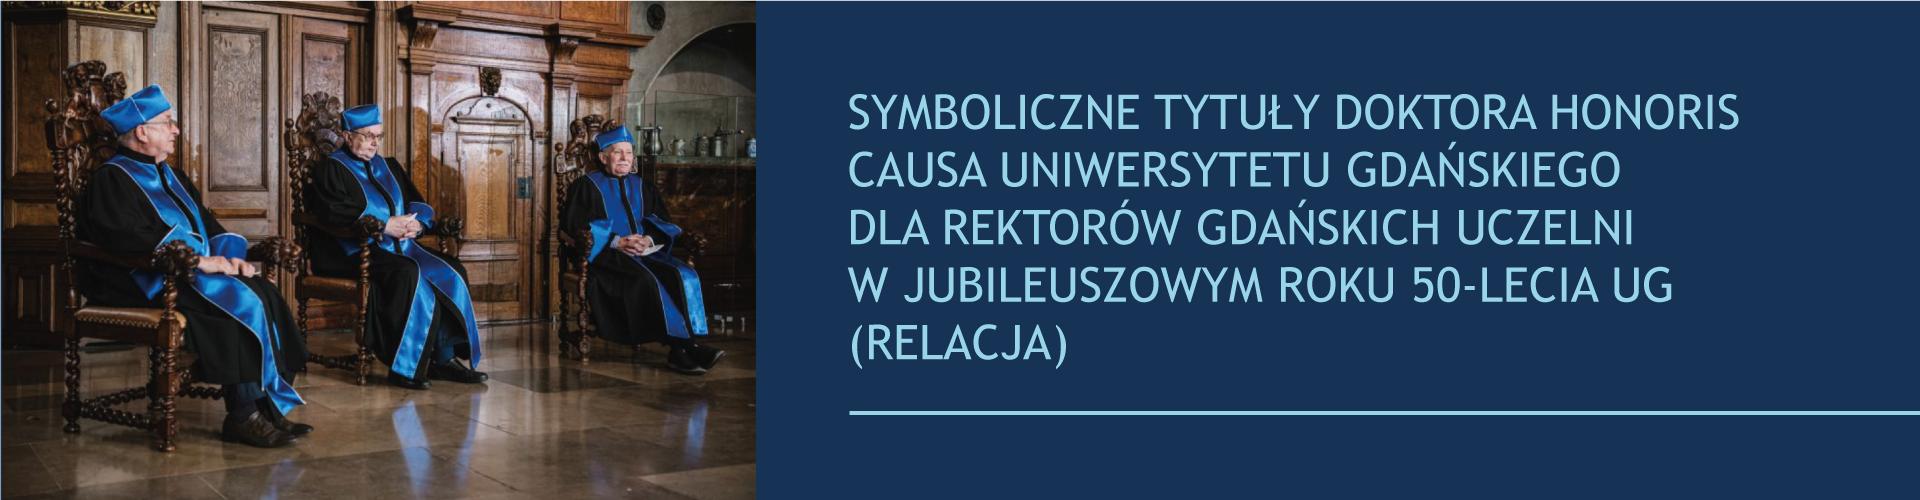 Symboliczne tytuły doktora honoris causa Uniwersytetu Gdańskiego dla rektorów gdańskich uczelni